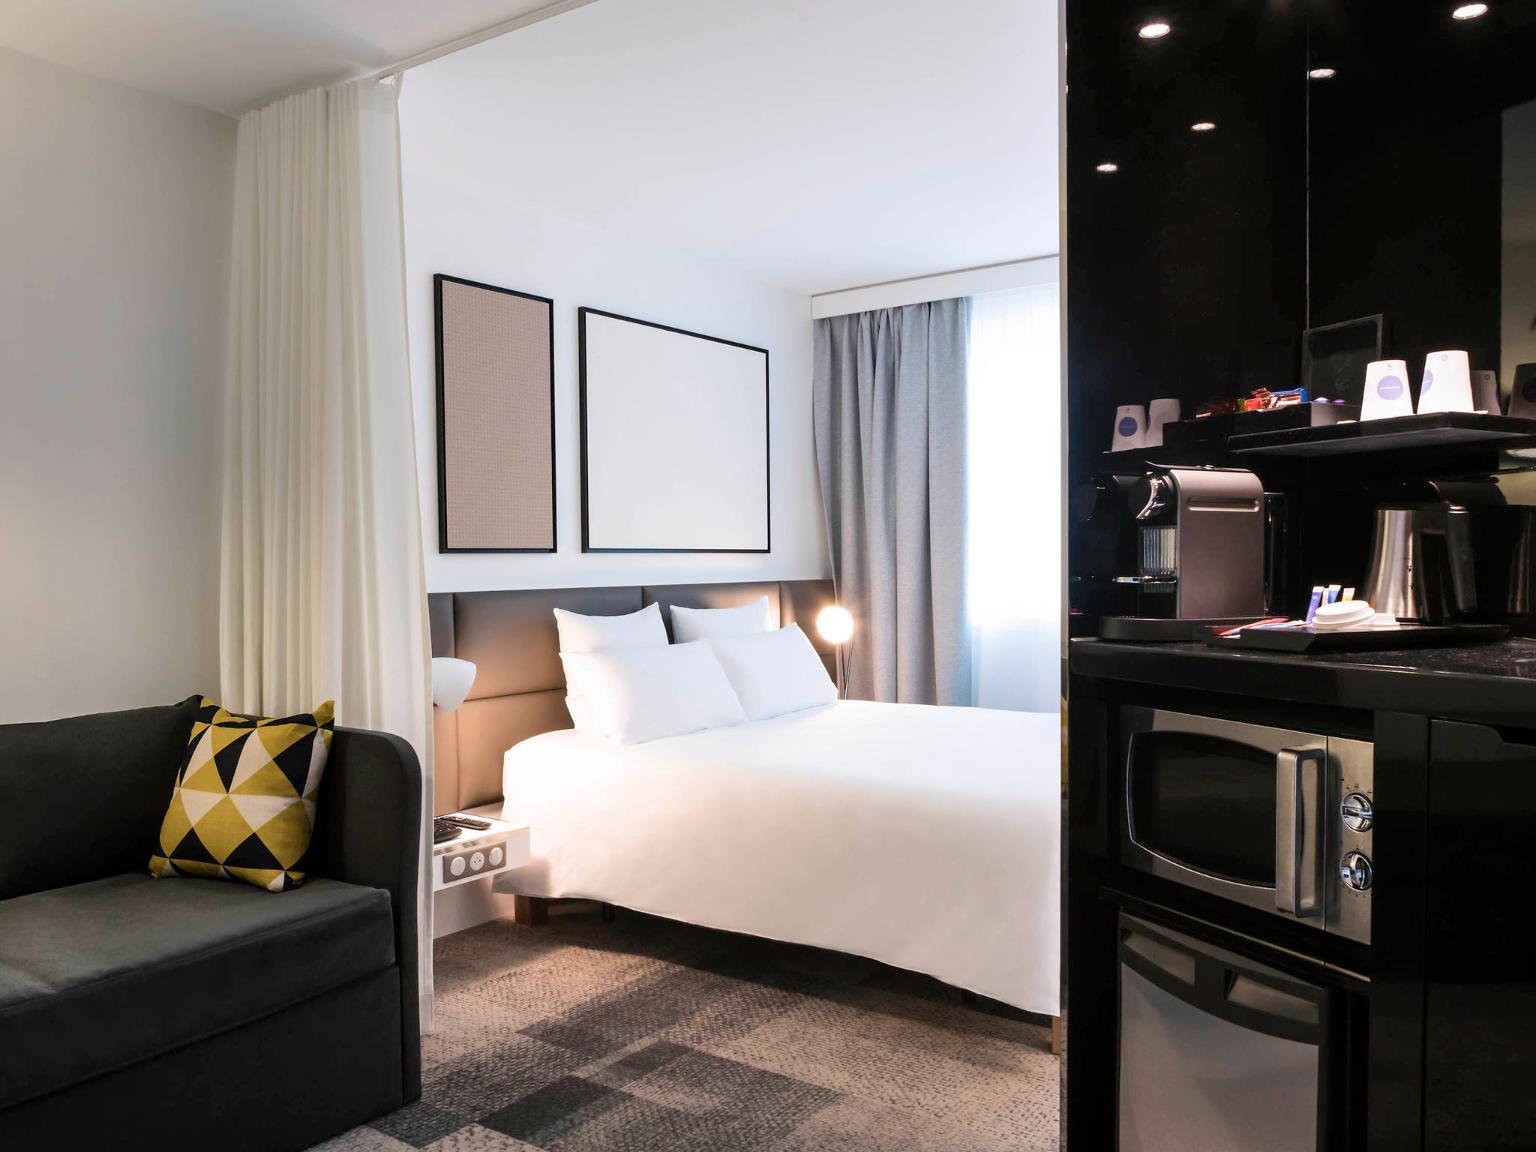 Novotel suites paris expo porte de versailles h tel 4 - 23 avenue de la porte de chatillon 75014 paris ...